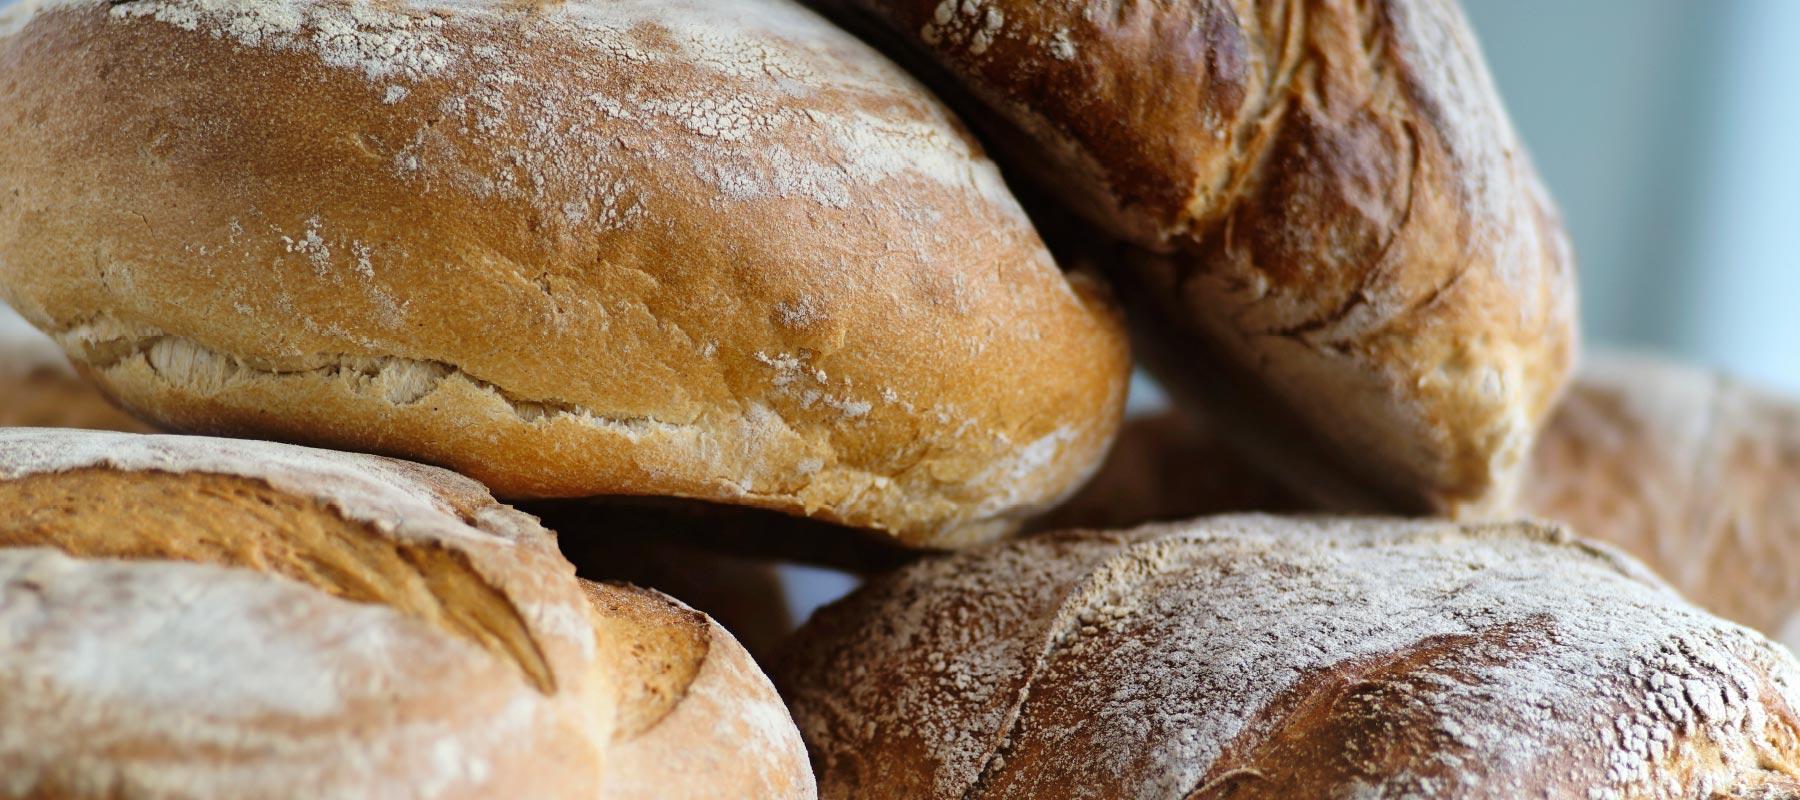 Brote - Rustico- und Mafrabrot, Baguettes, Vollkornbrote und vieles mehr